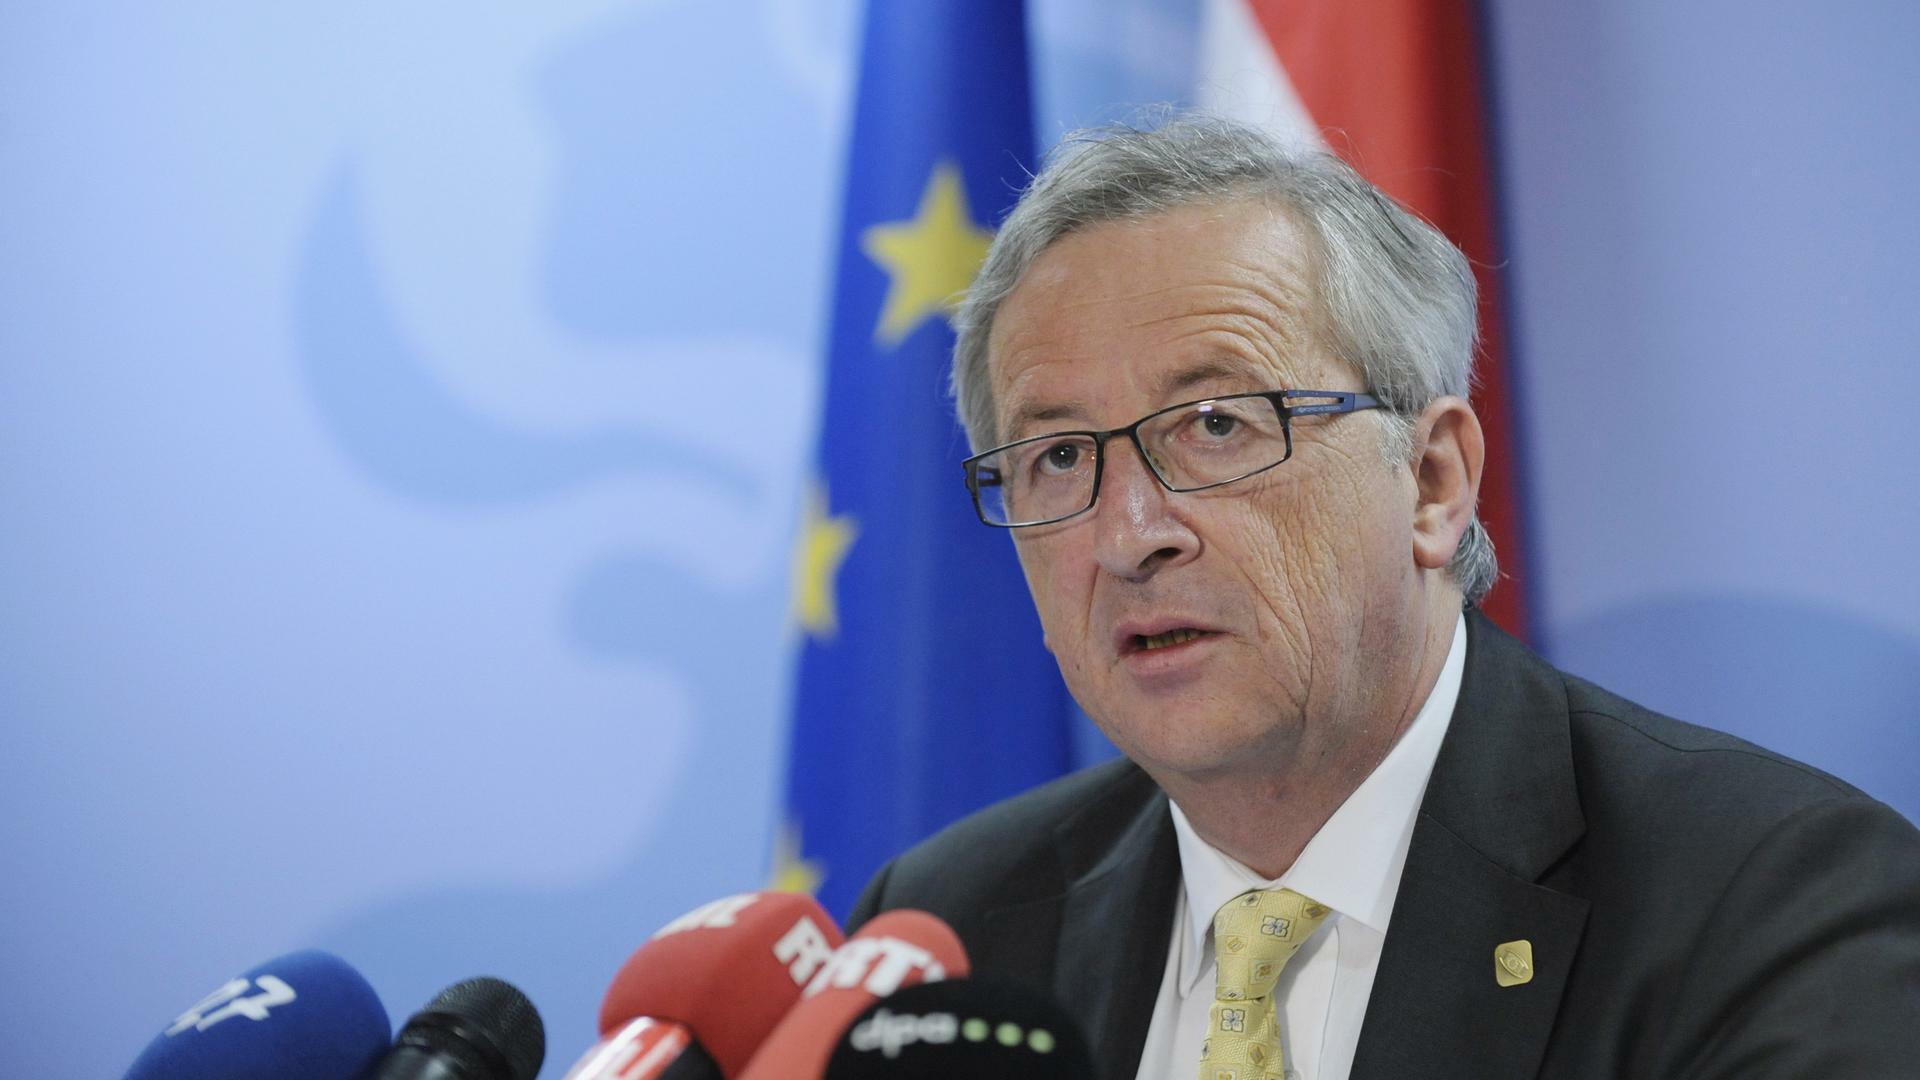 """Krisen-Zitate: """"Bald kauft die EZB auch alte Fahrräder"""""""